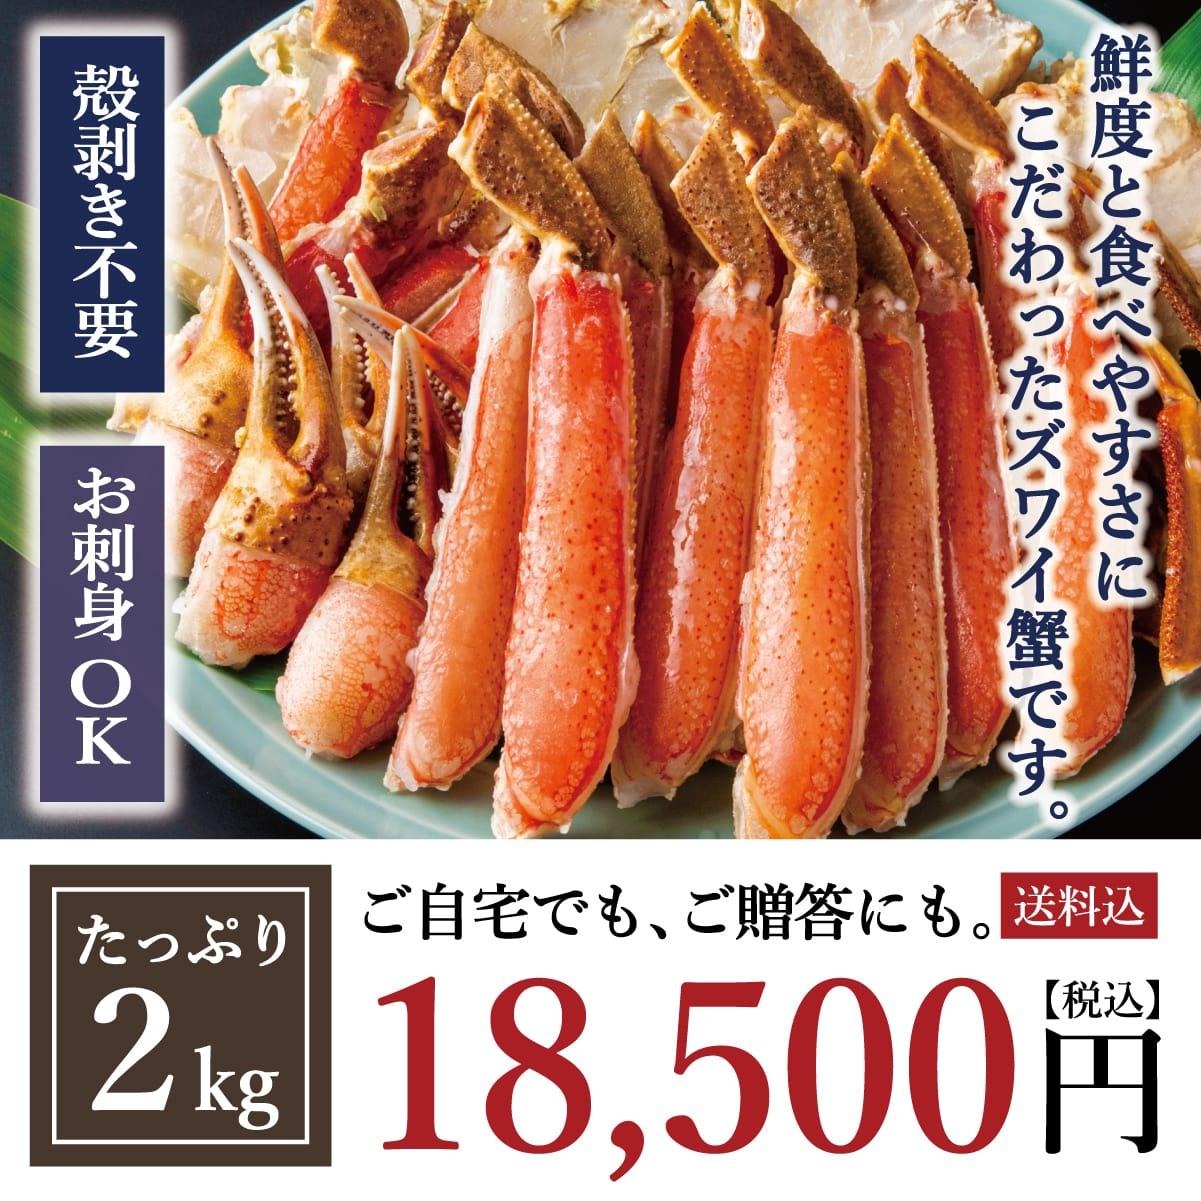 リングカット&半割ズワイ蟹ポーション2kg